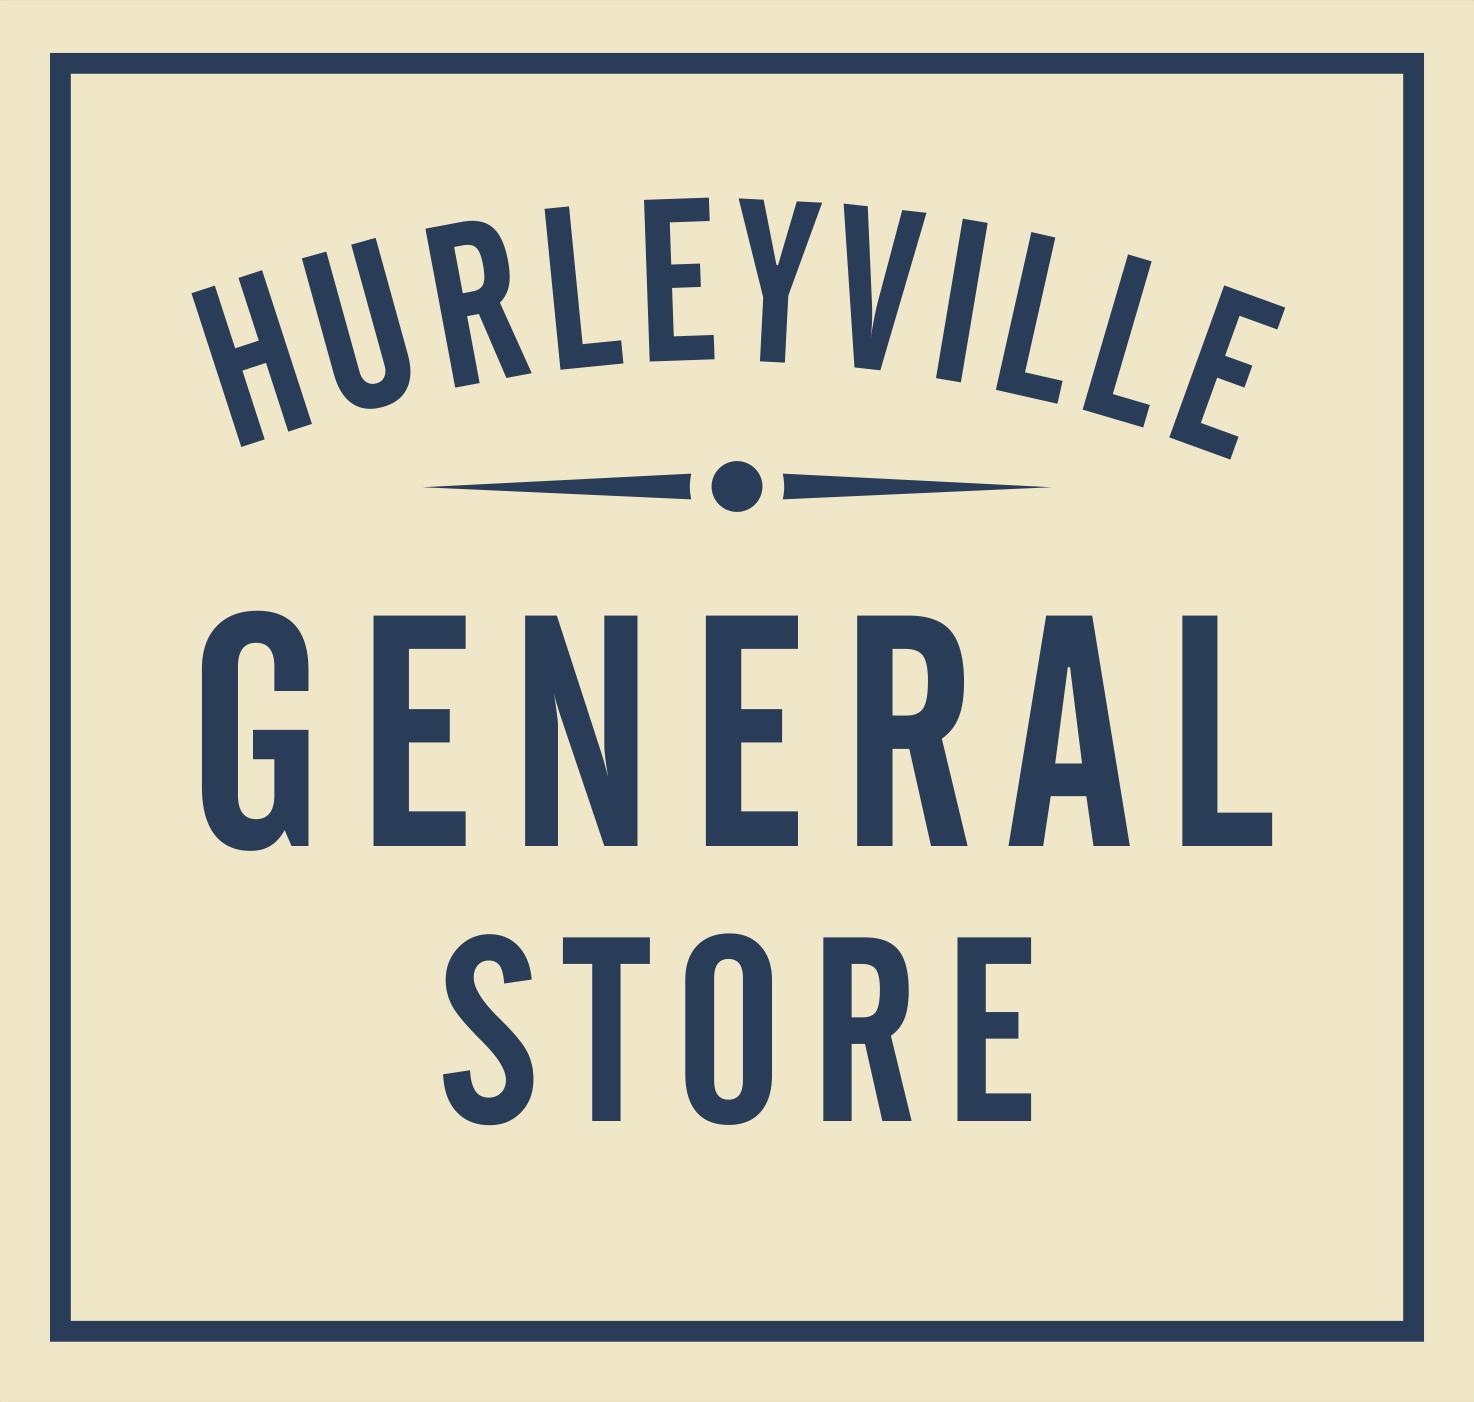 Hurleyville General Store